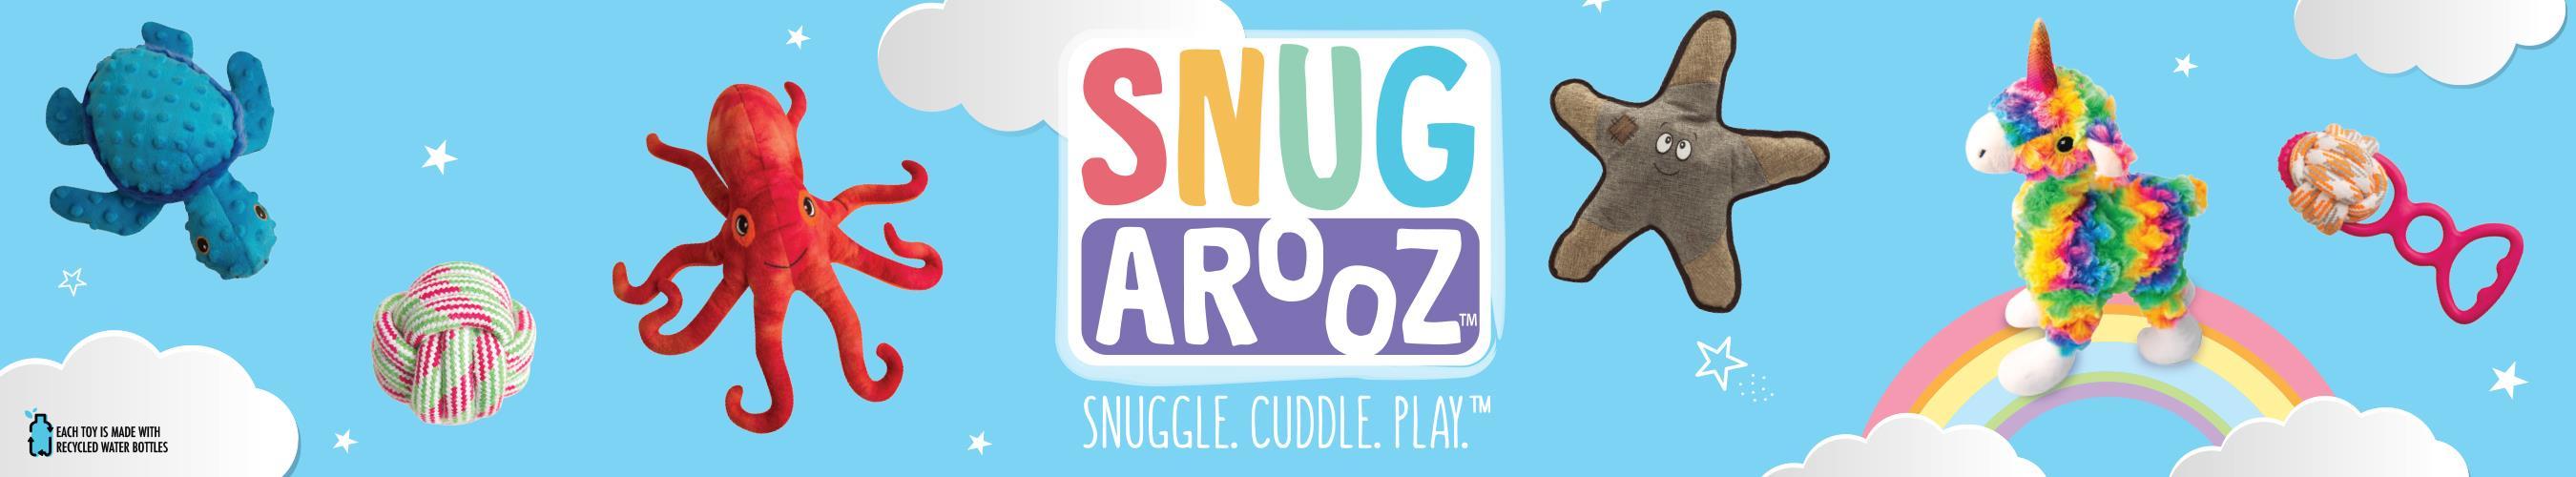 SnugArooz™